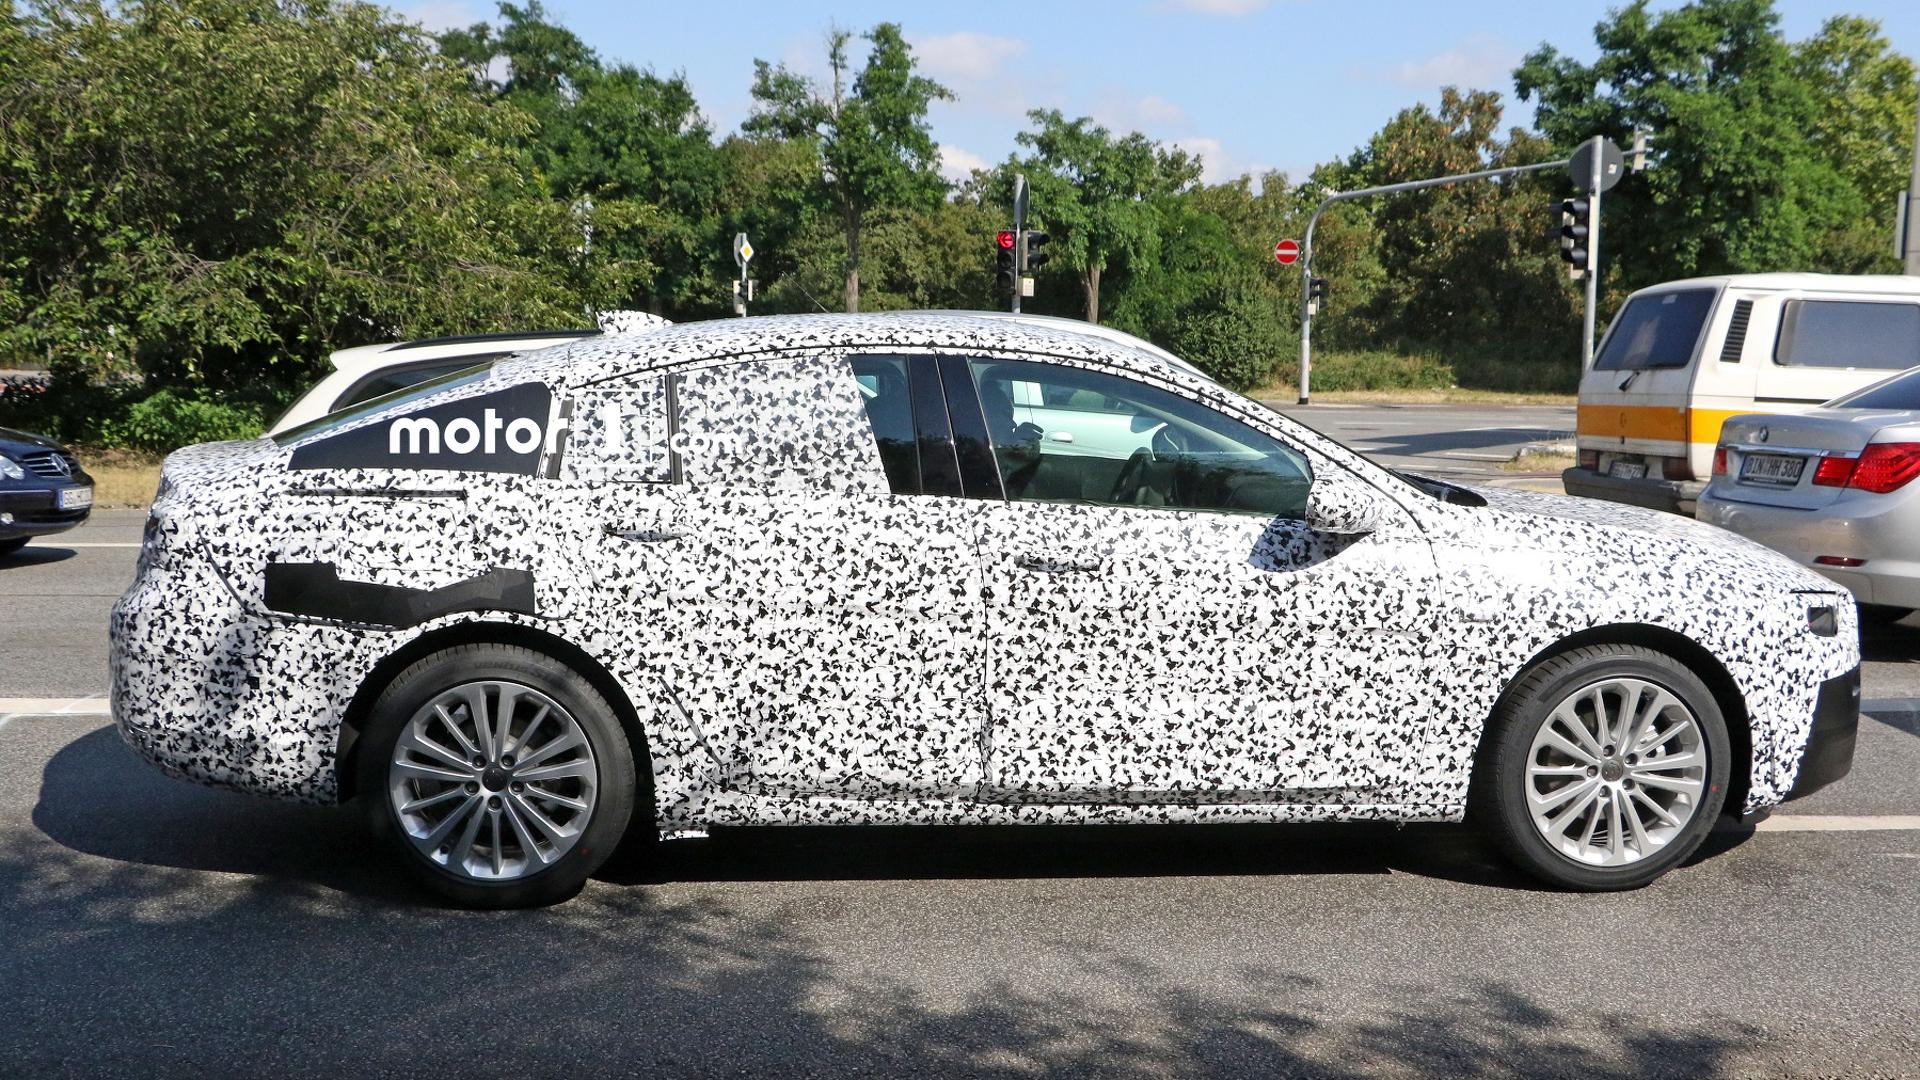 2017 Opel Insignia drops more camo in latest spy photos